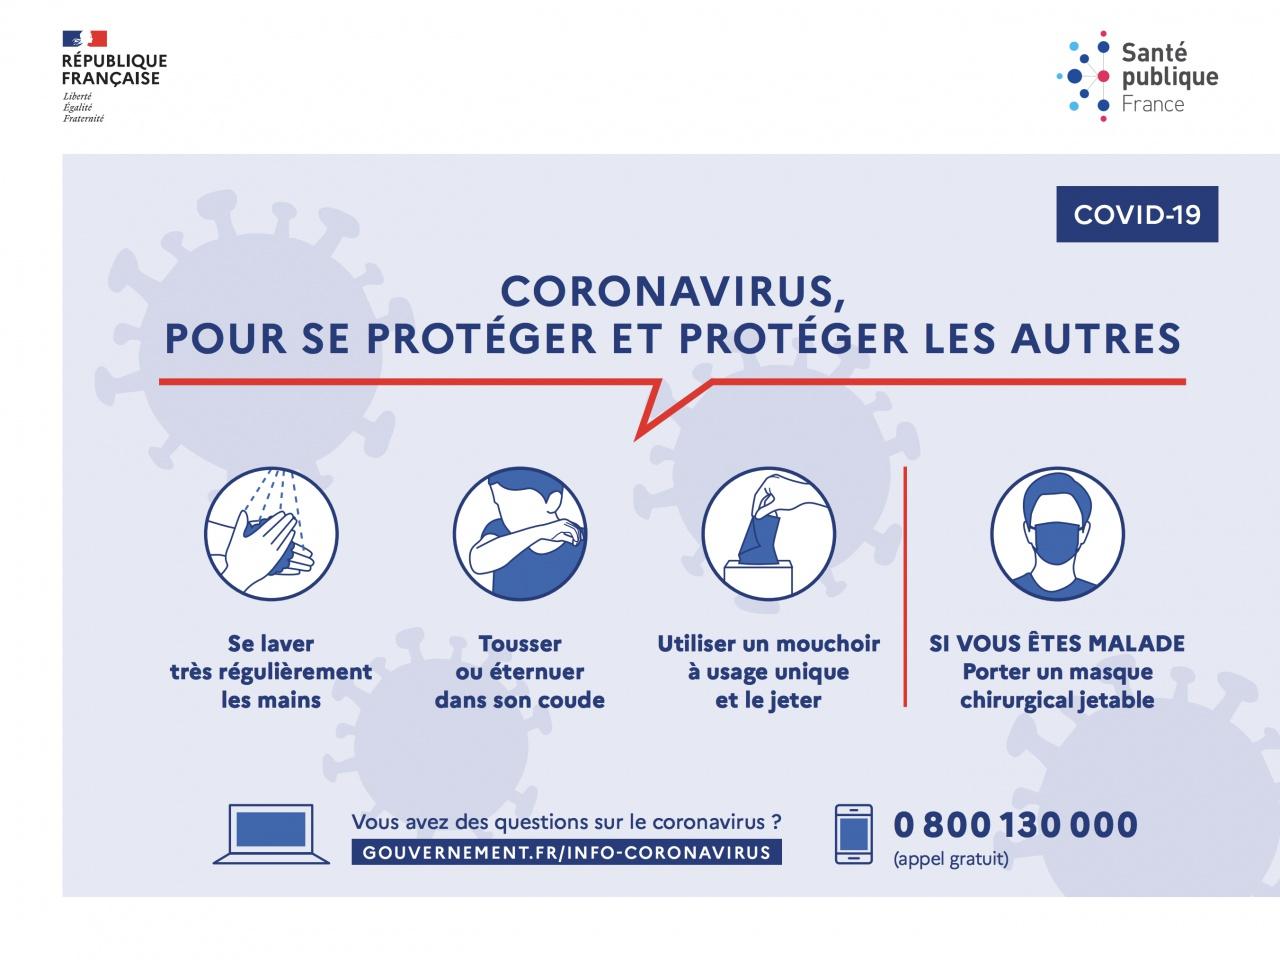 Coronavirus, des gestes simples pour se protéger et protéger les autres